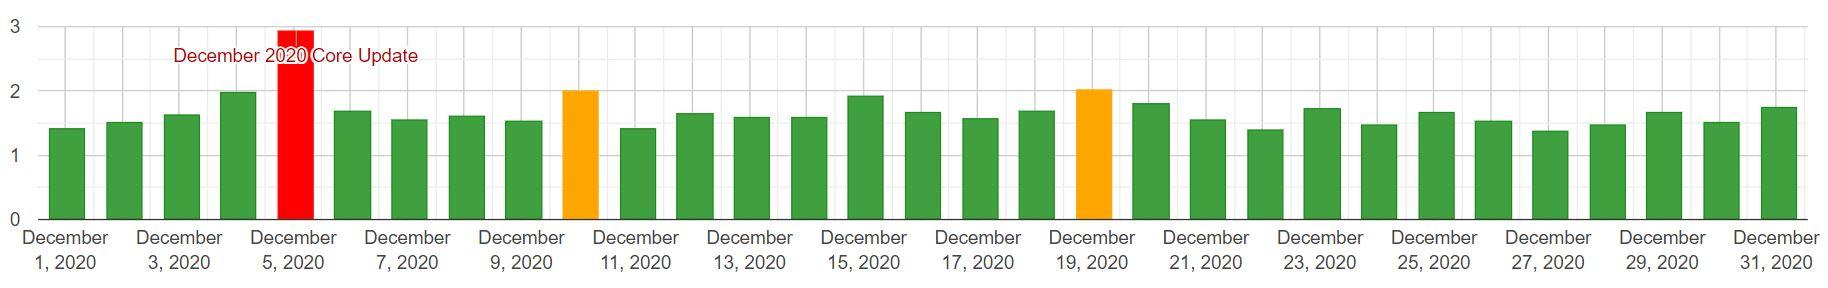 Algoroo: zmiany w SERP (mobile) - grudzień 2020